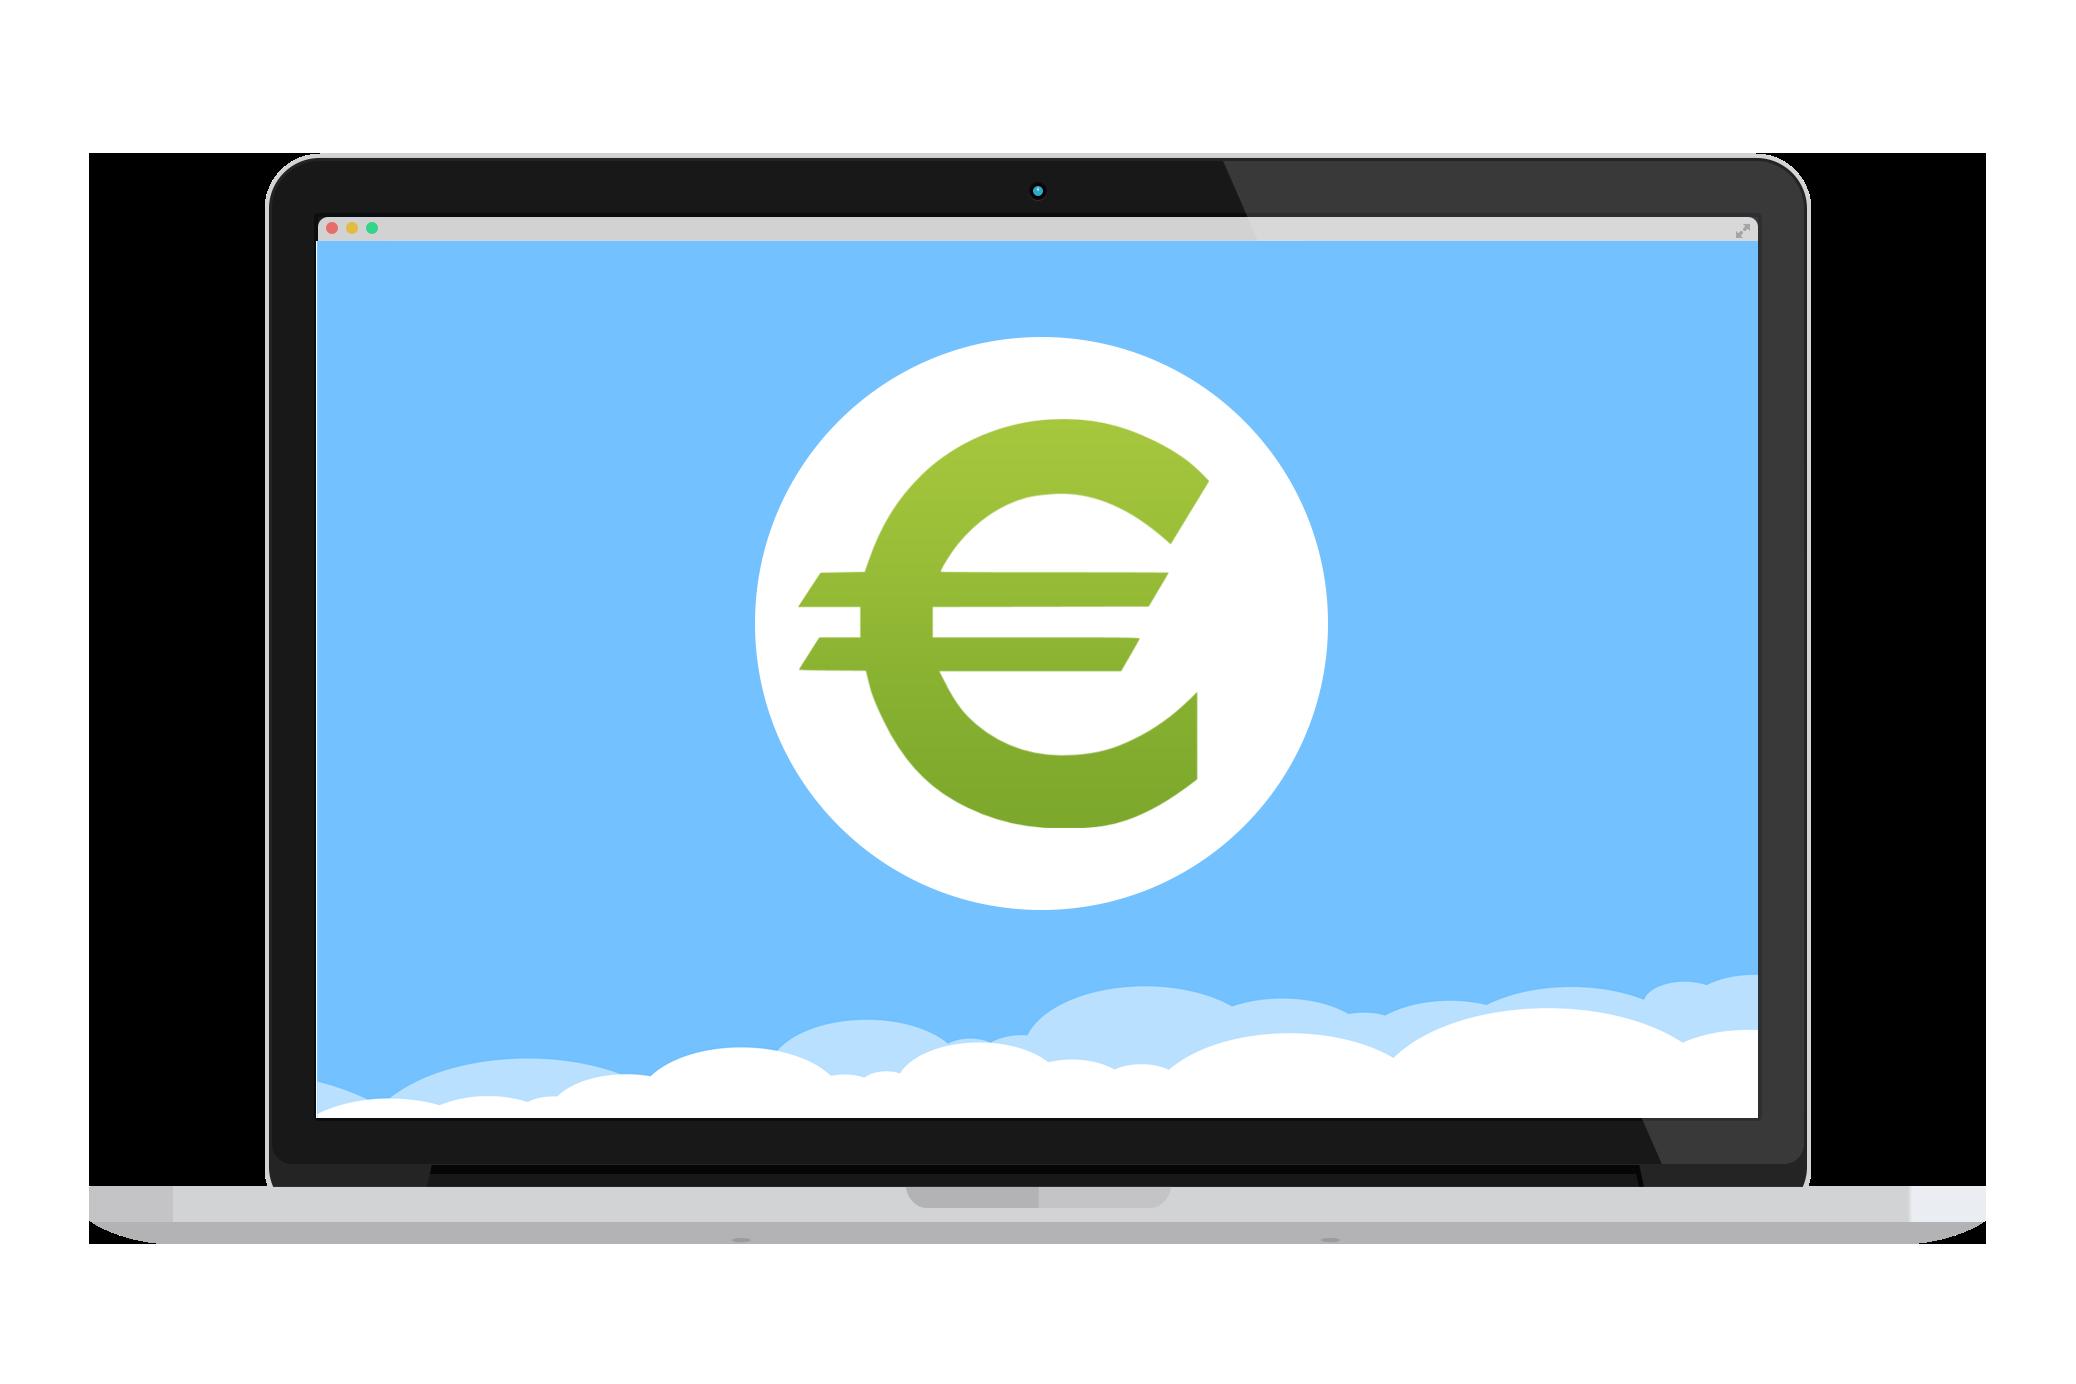 Ordinateur avec un € en fond d'écran